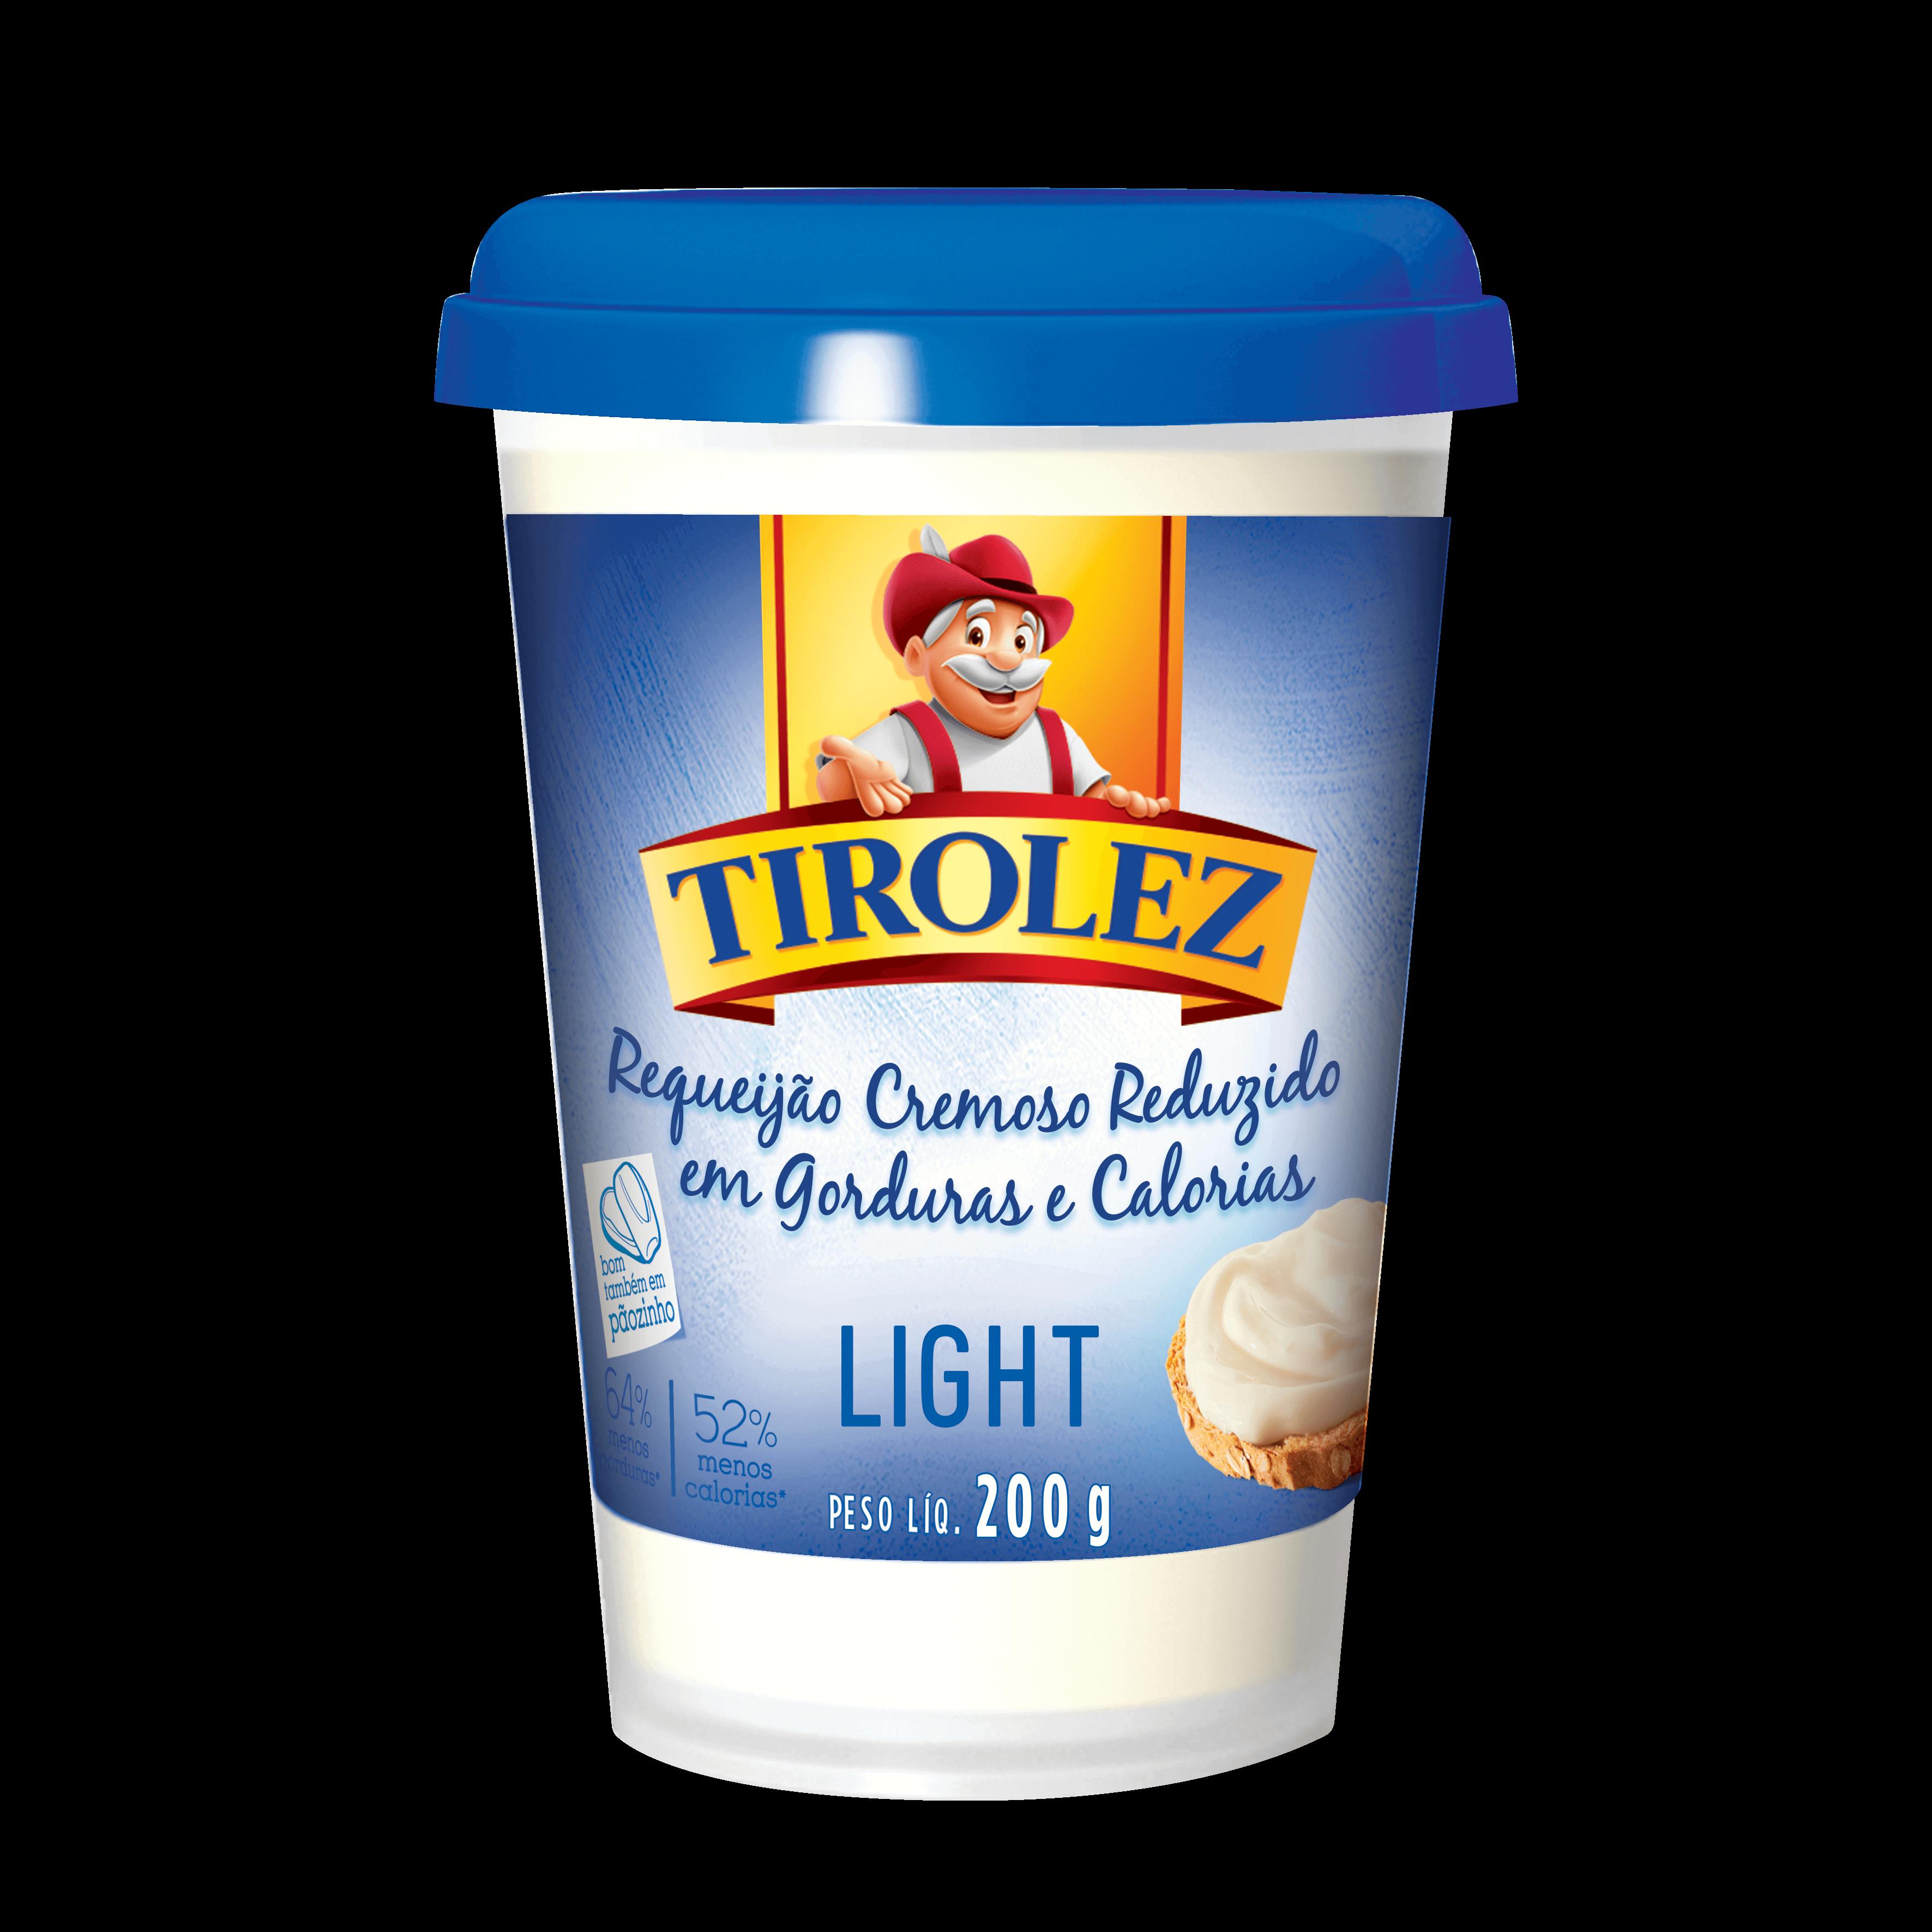 REQUEIJAO CREMOSO LIGHT Tirolez 200g